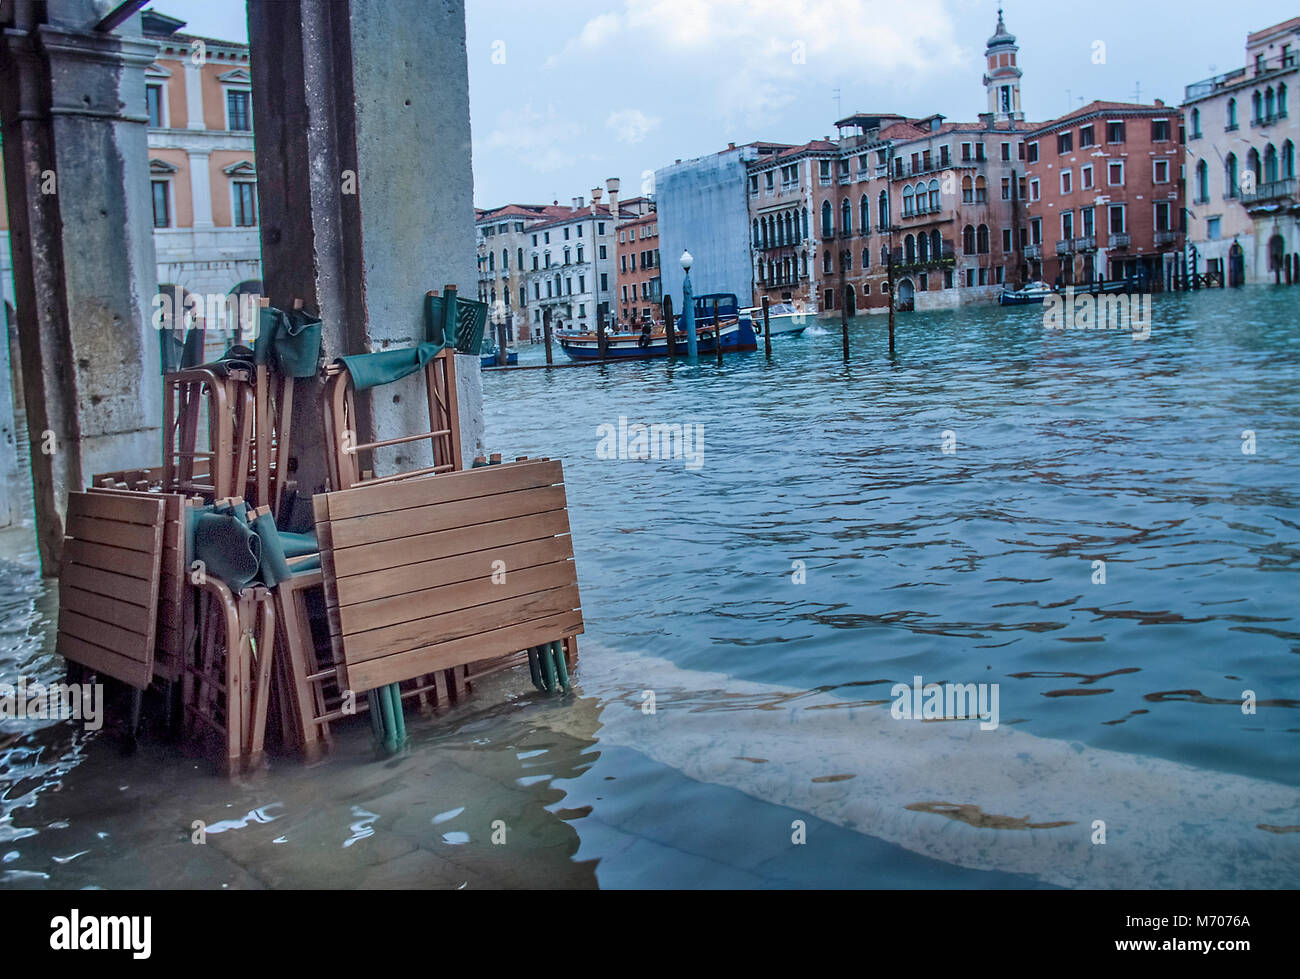 Acqua Alta,Grand Canal,Venice Stock Photo